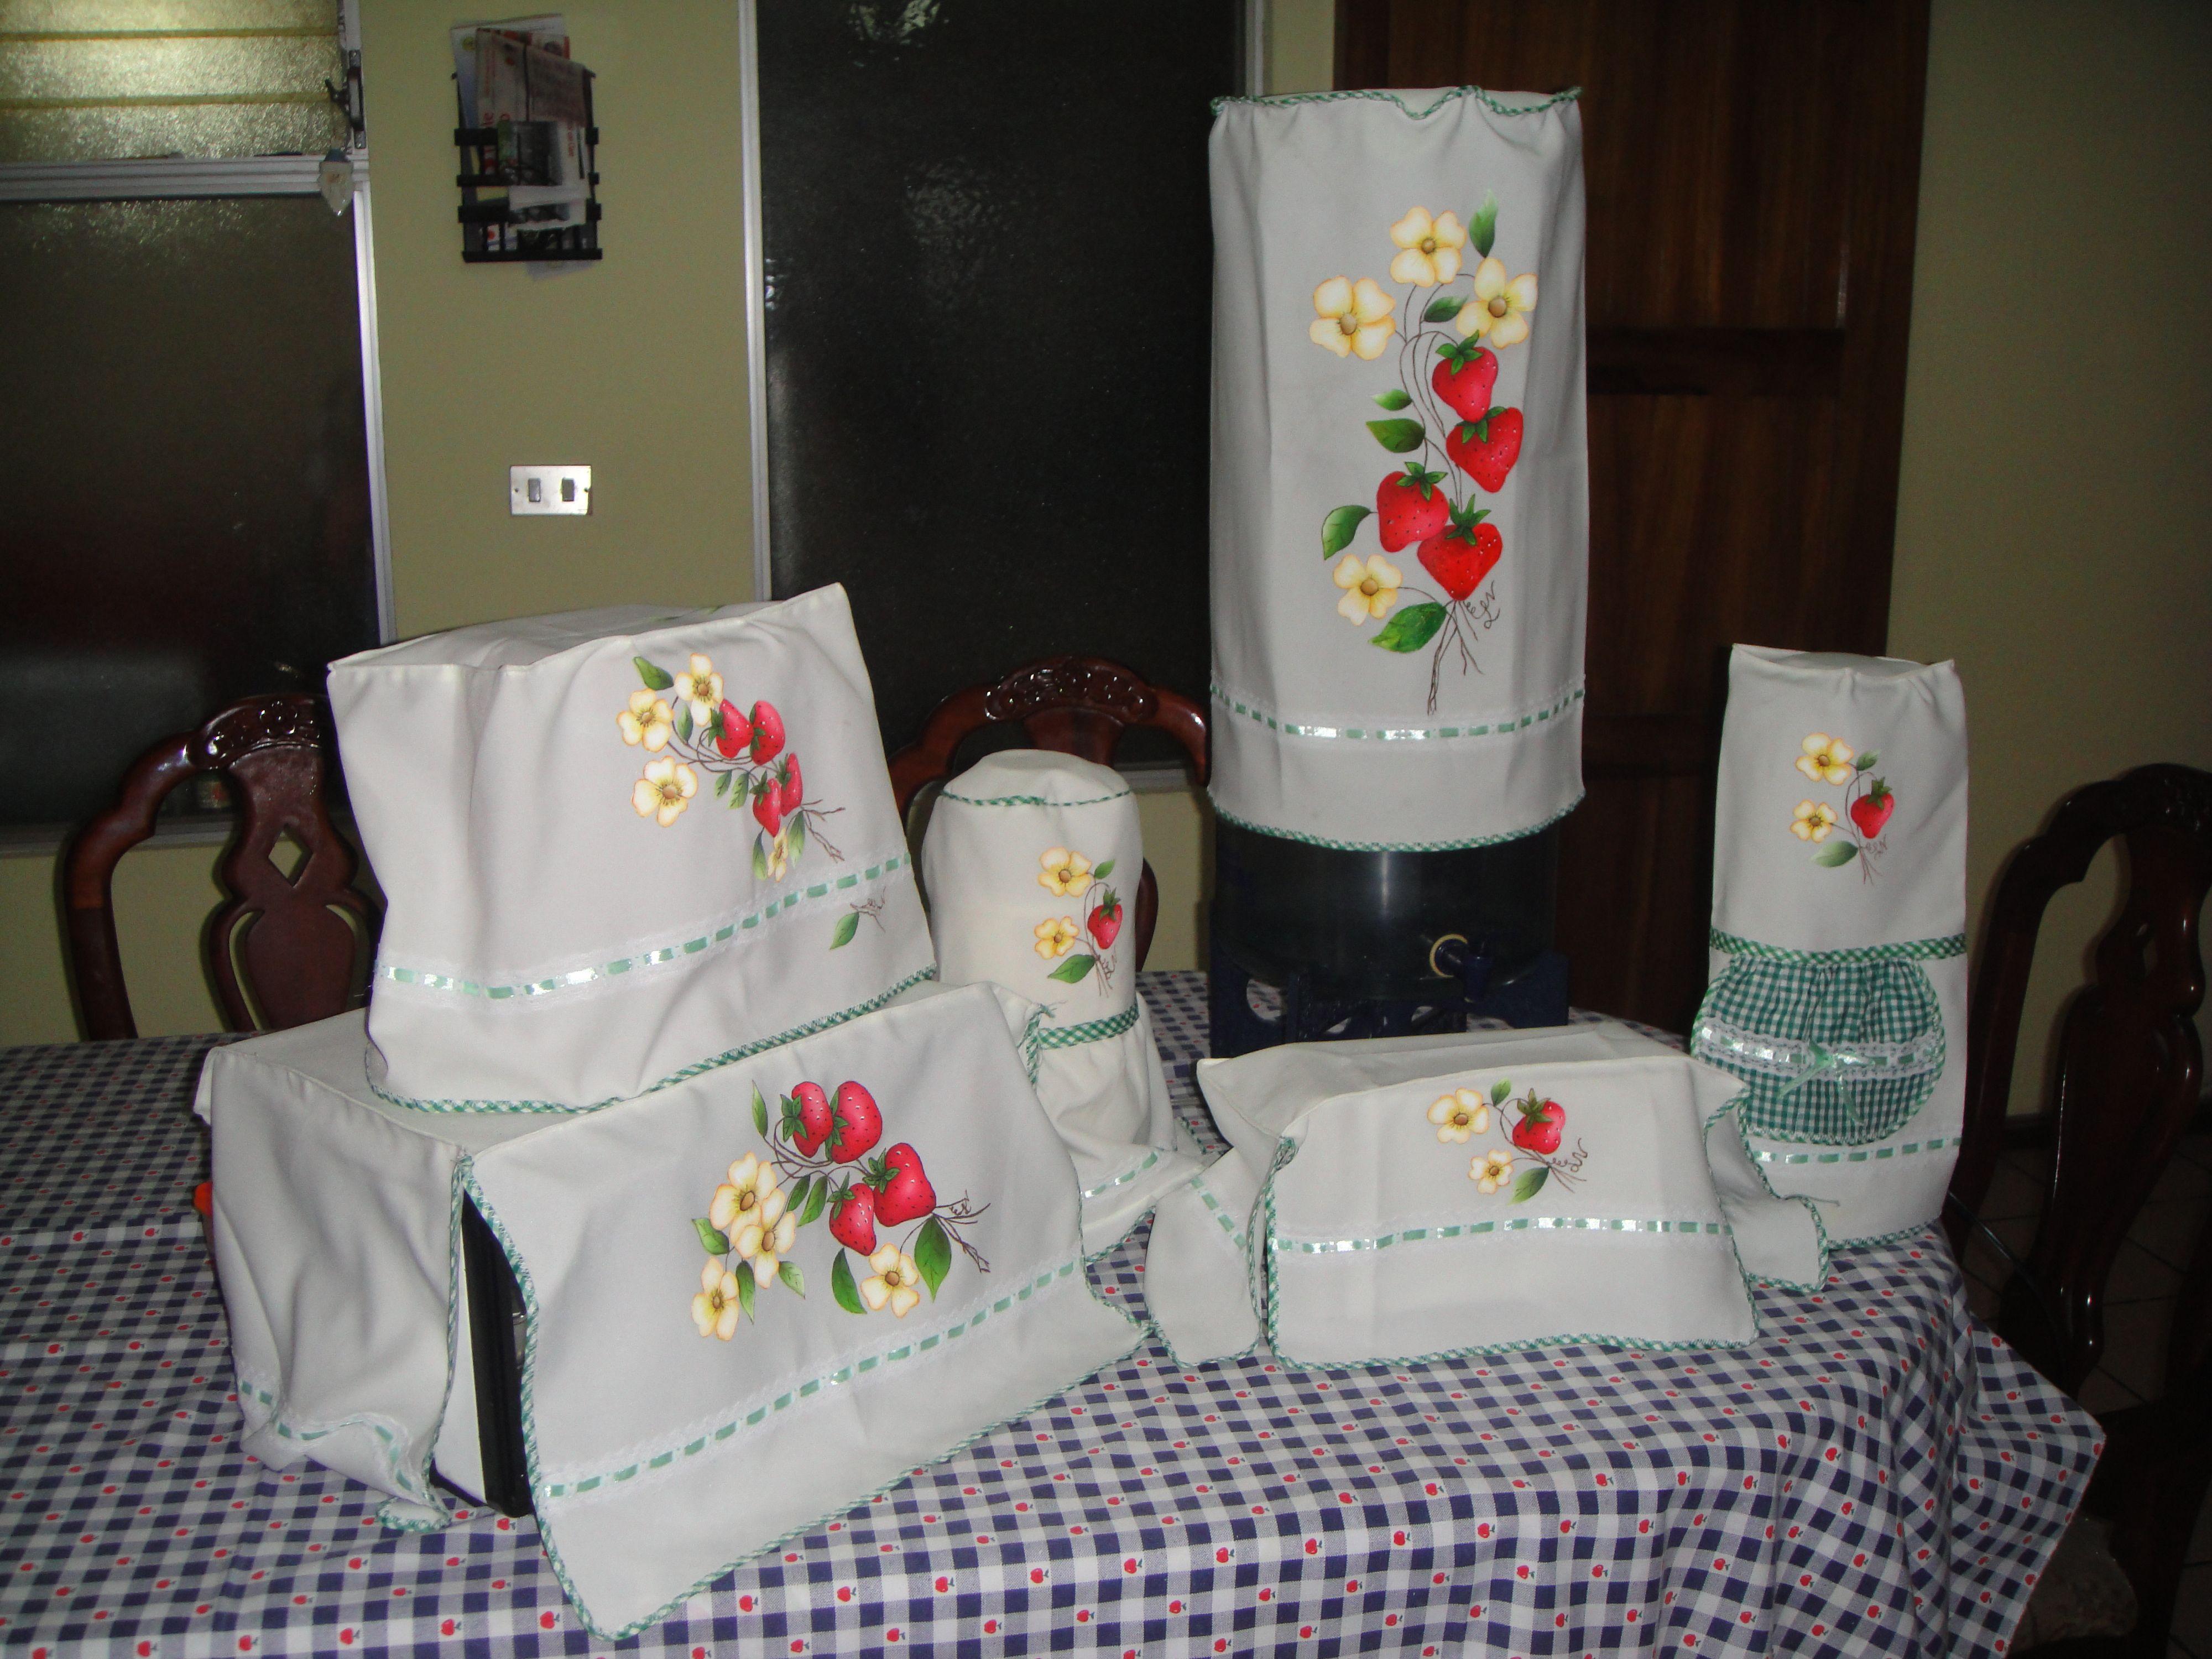 Juego de cobertores para cocina mis trabajos en tecido for Juego9s de cocina